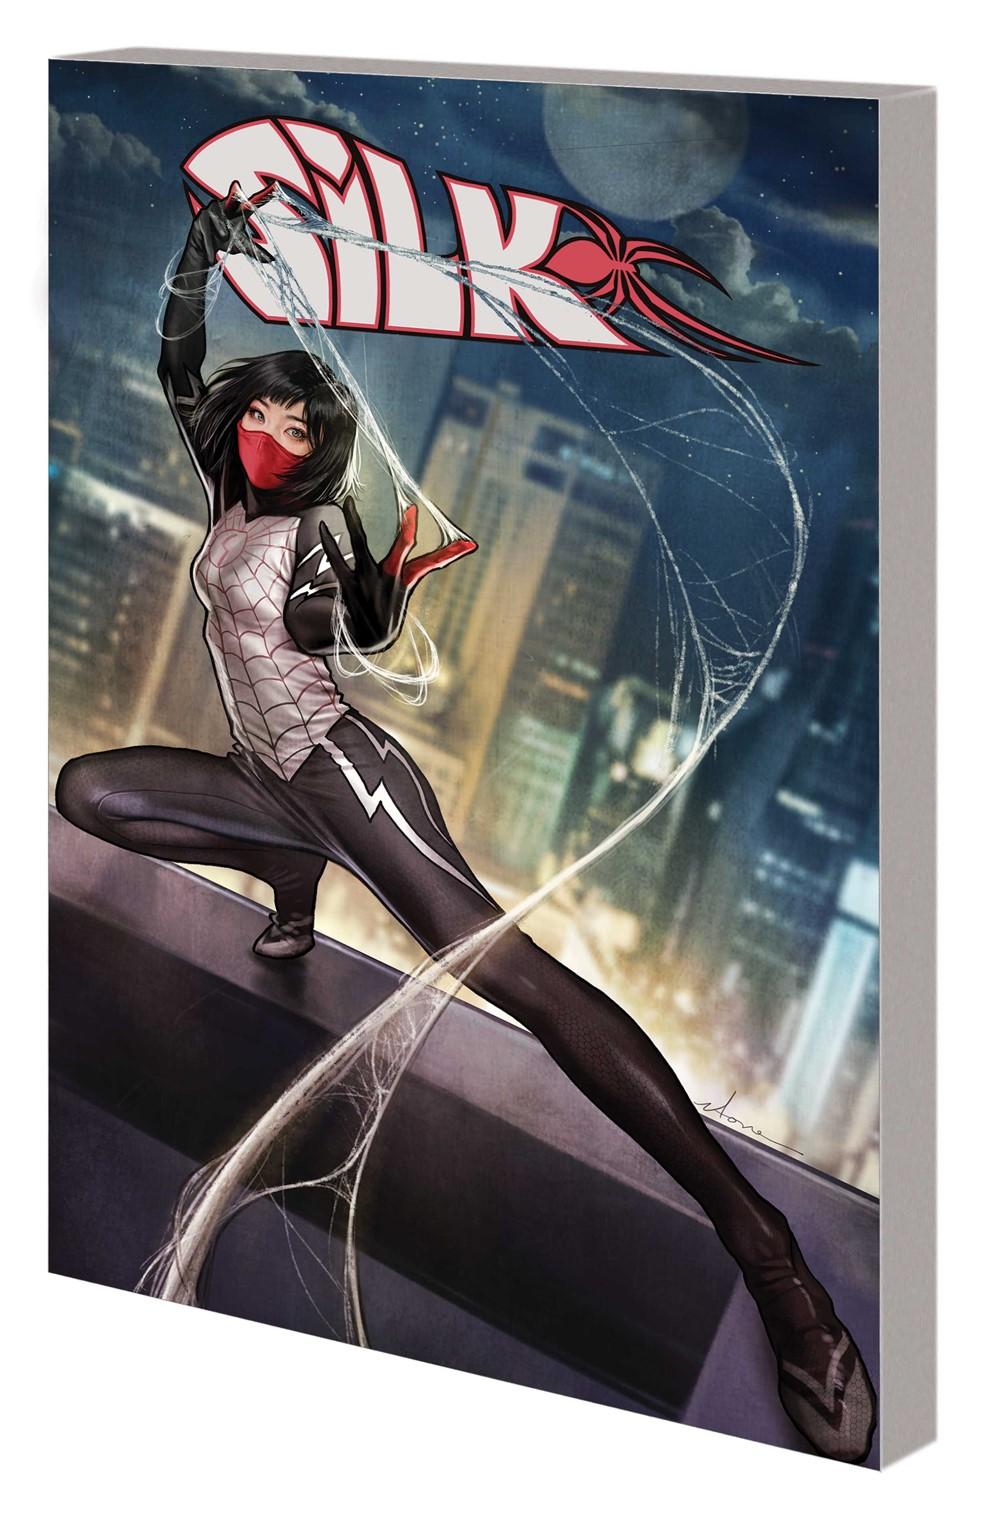 SILK_VOL_1_TPB Marvel Comics September 2021 Solicitations